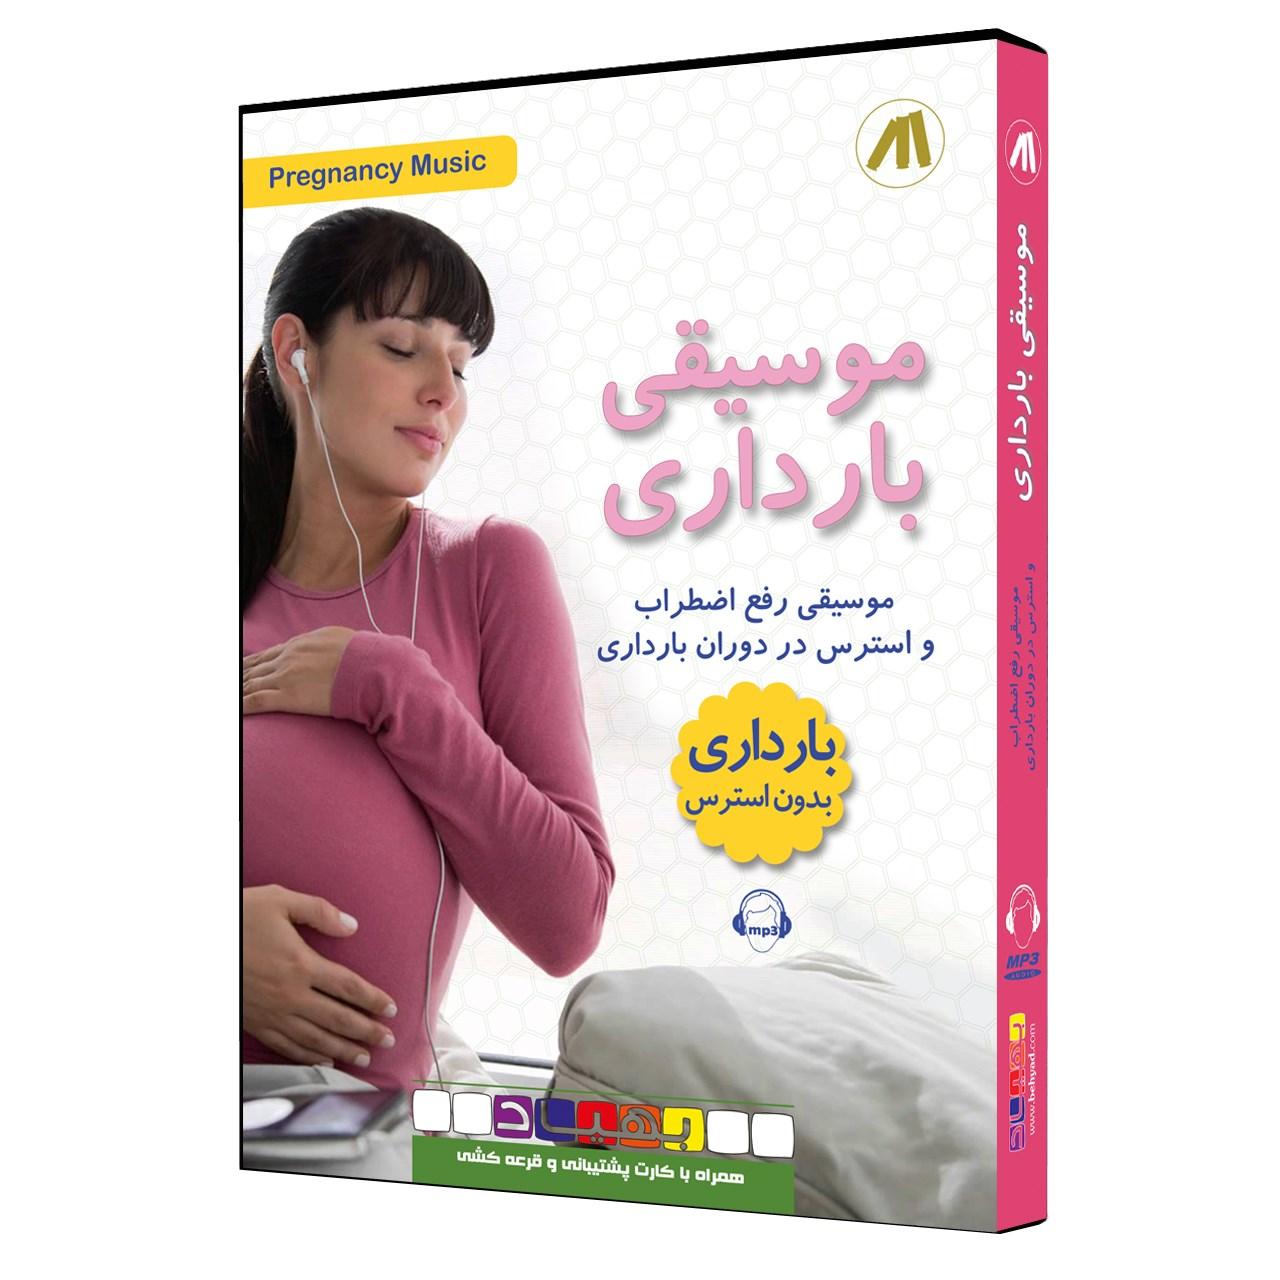 موسیقی بی کلام بارداری بهیاد نشر نیاسا